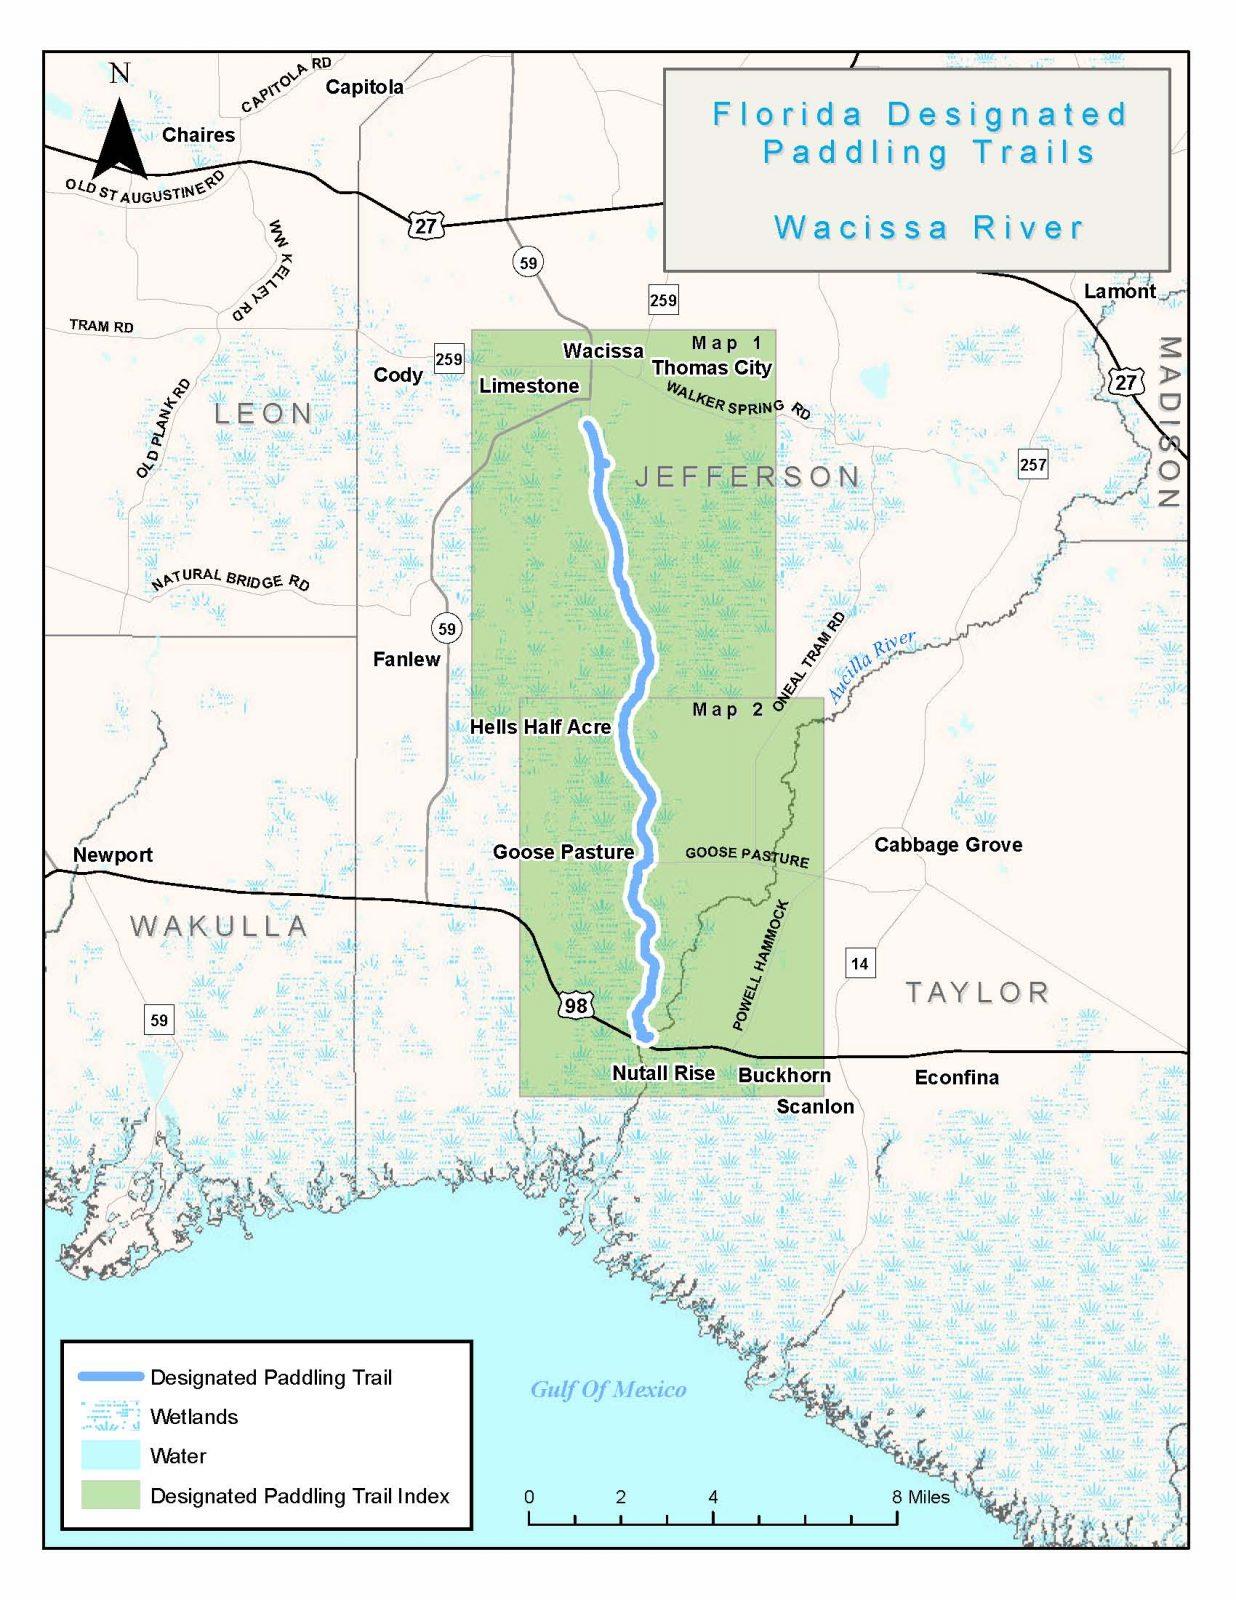 Wacissa River